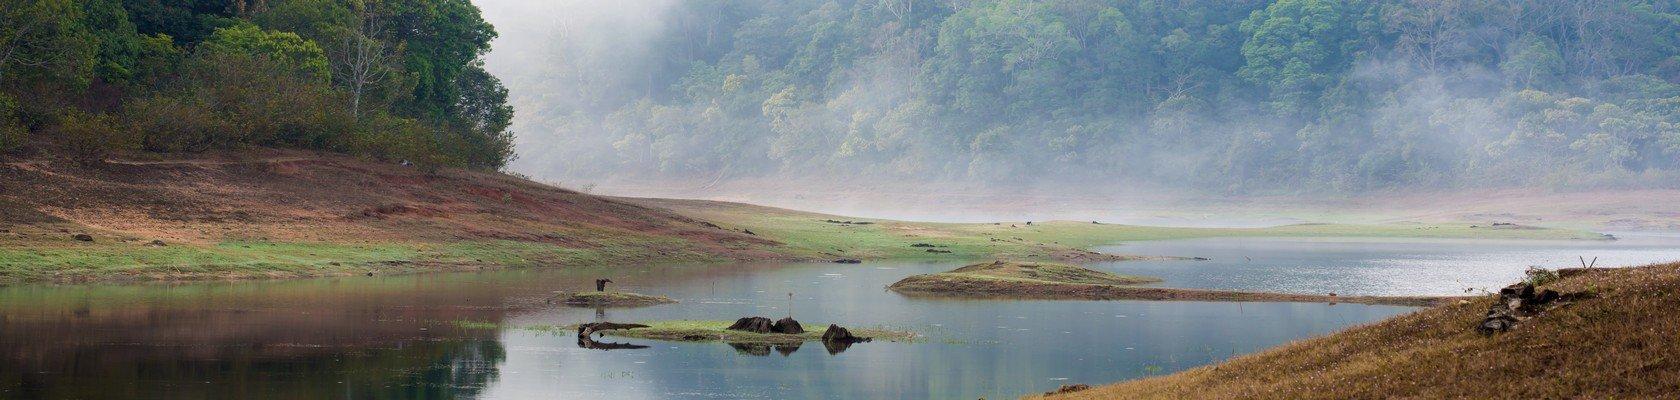 Uniek wildlife reservaat Periyar Nationaal Park